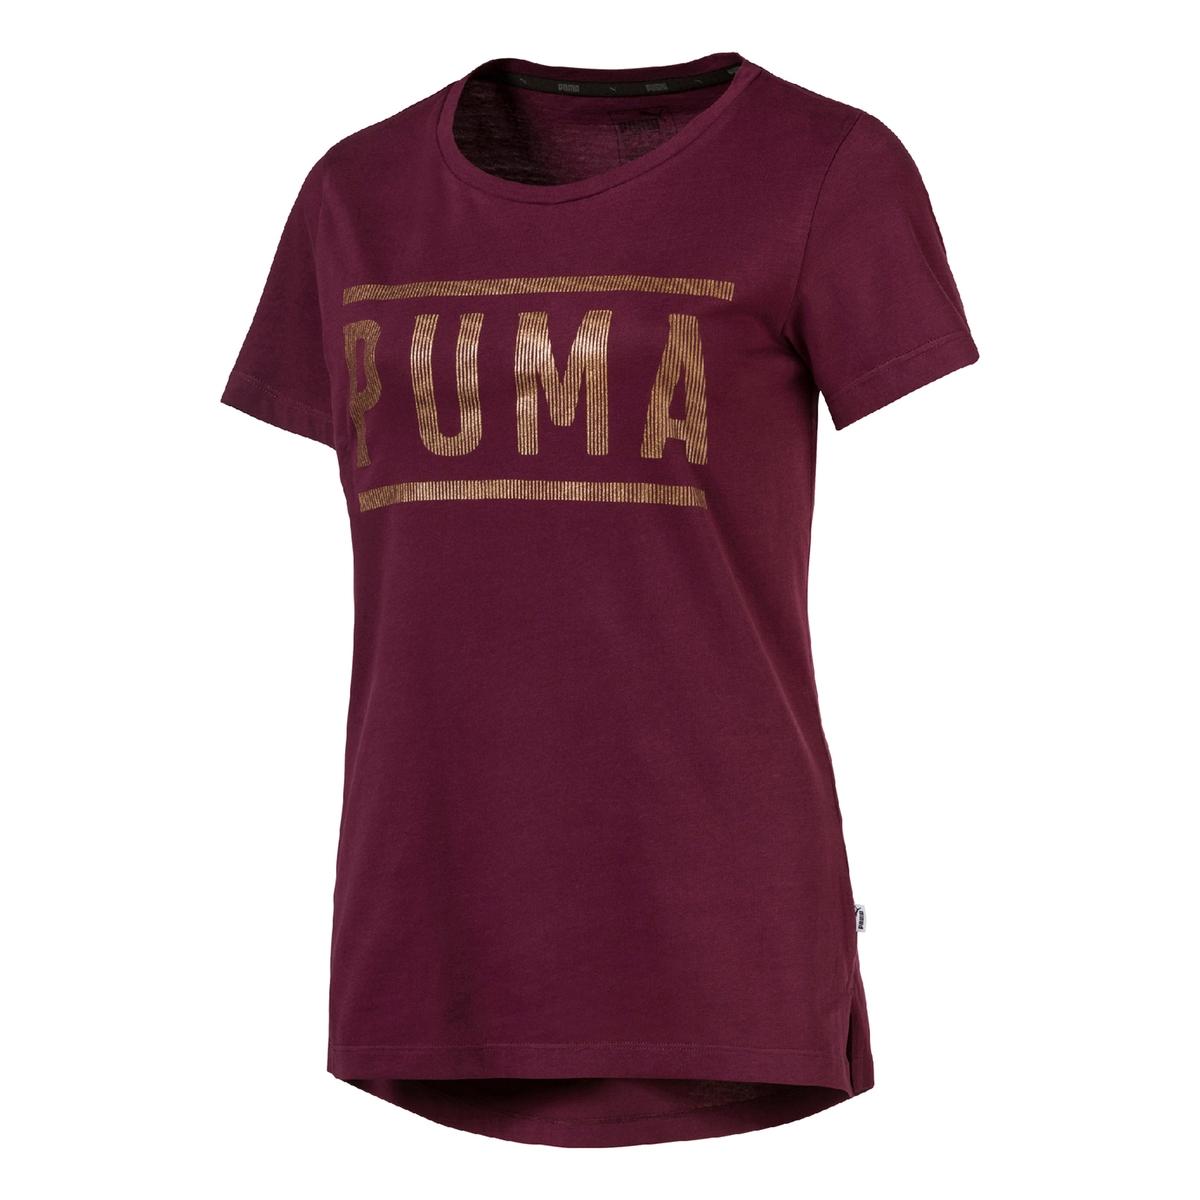 Camiseta con cuello redondo de manga corta y estampado delante